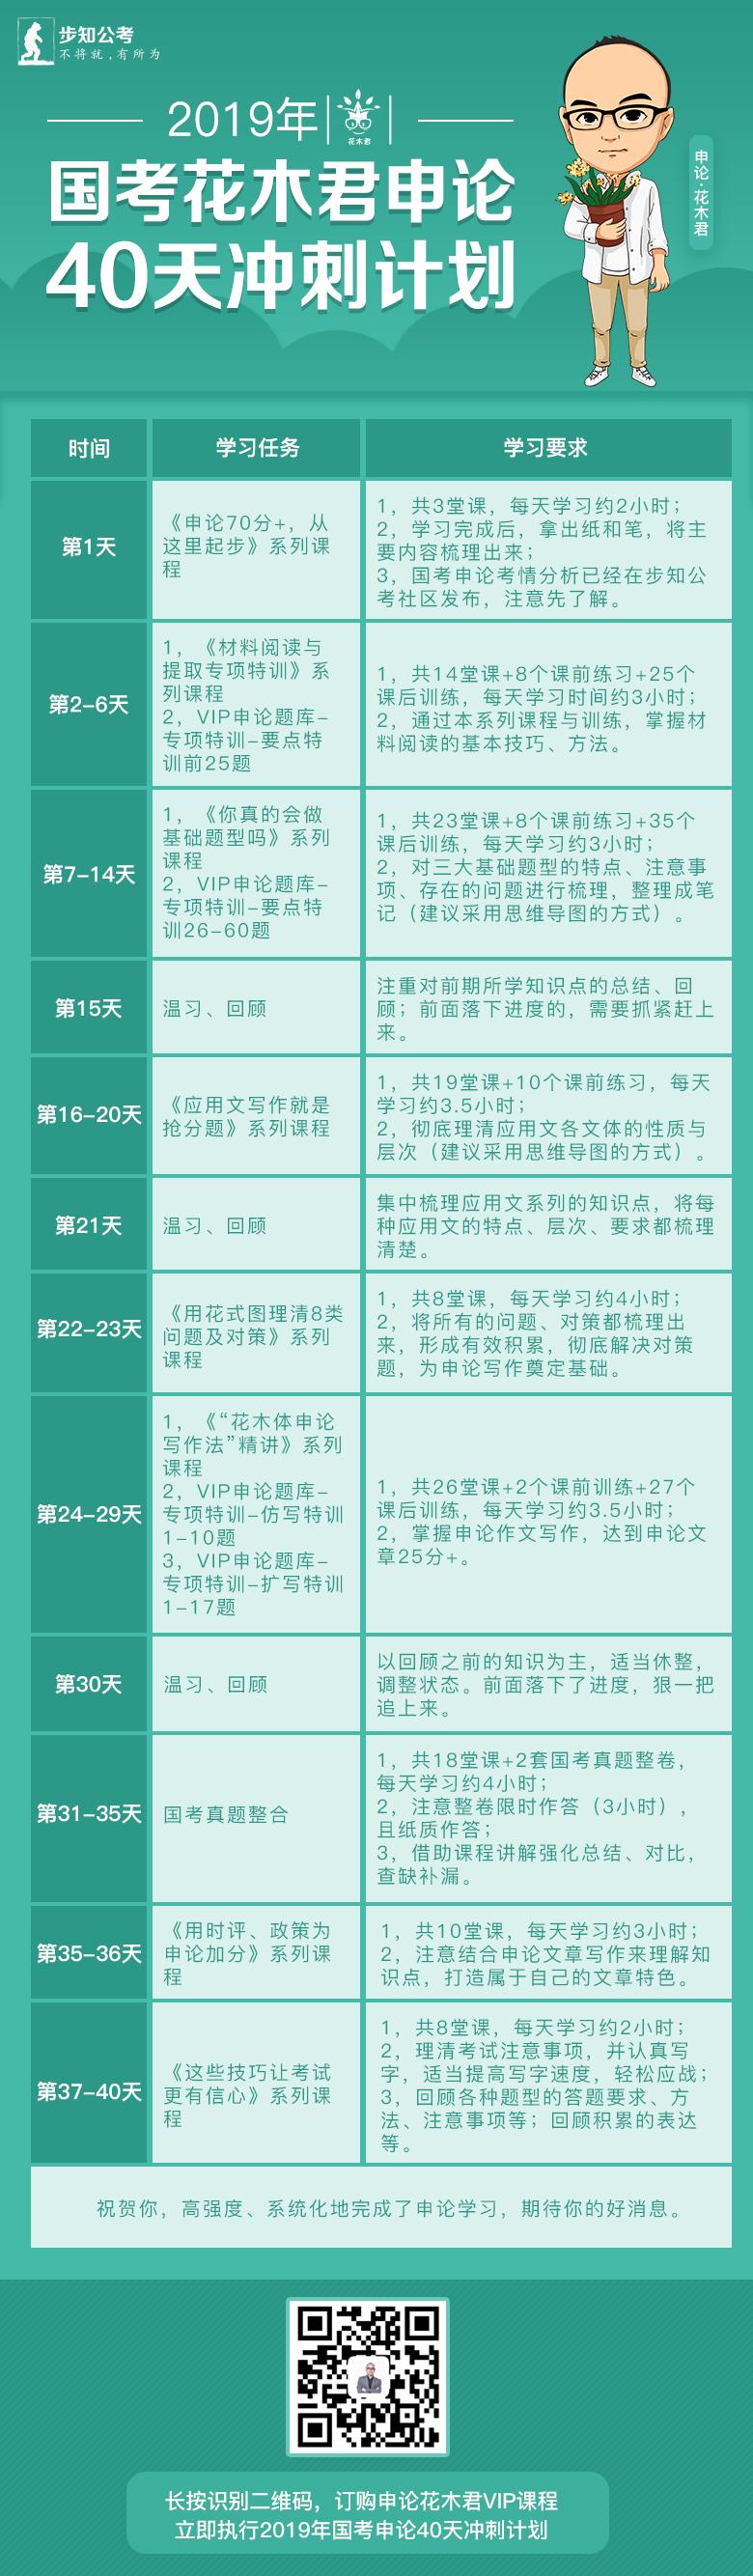 2019年国考花木君申论40天冲刺计划000.png